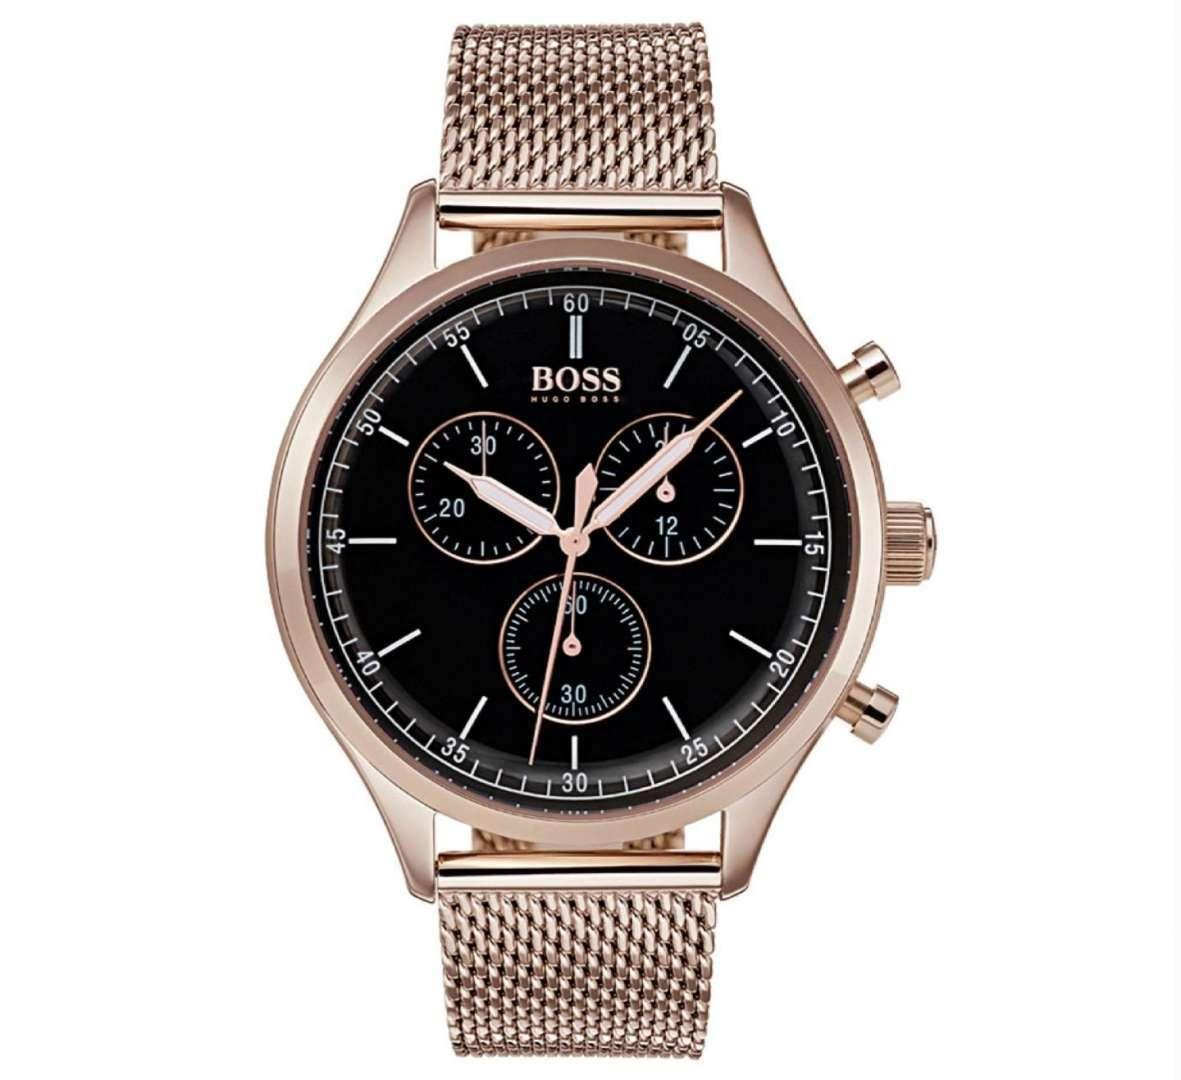 שעון יד אנלוגי לגבר hugo boss 1513548 הוגו בוס